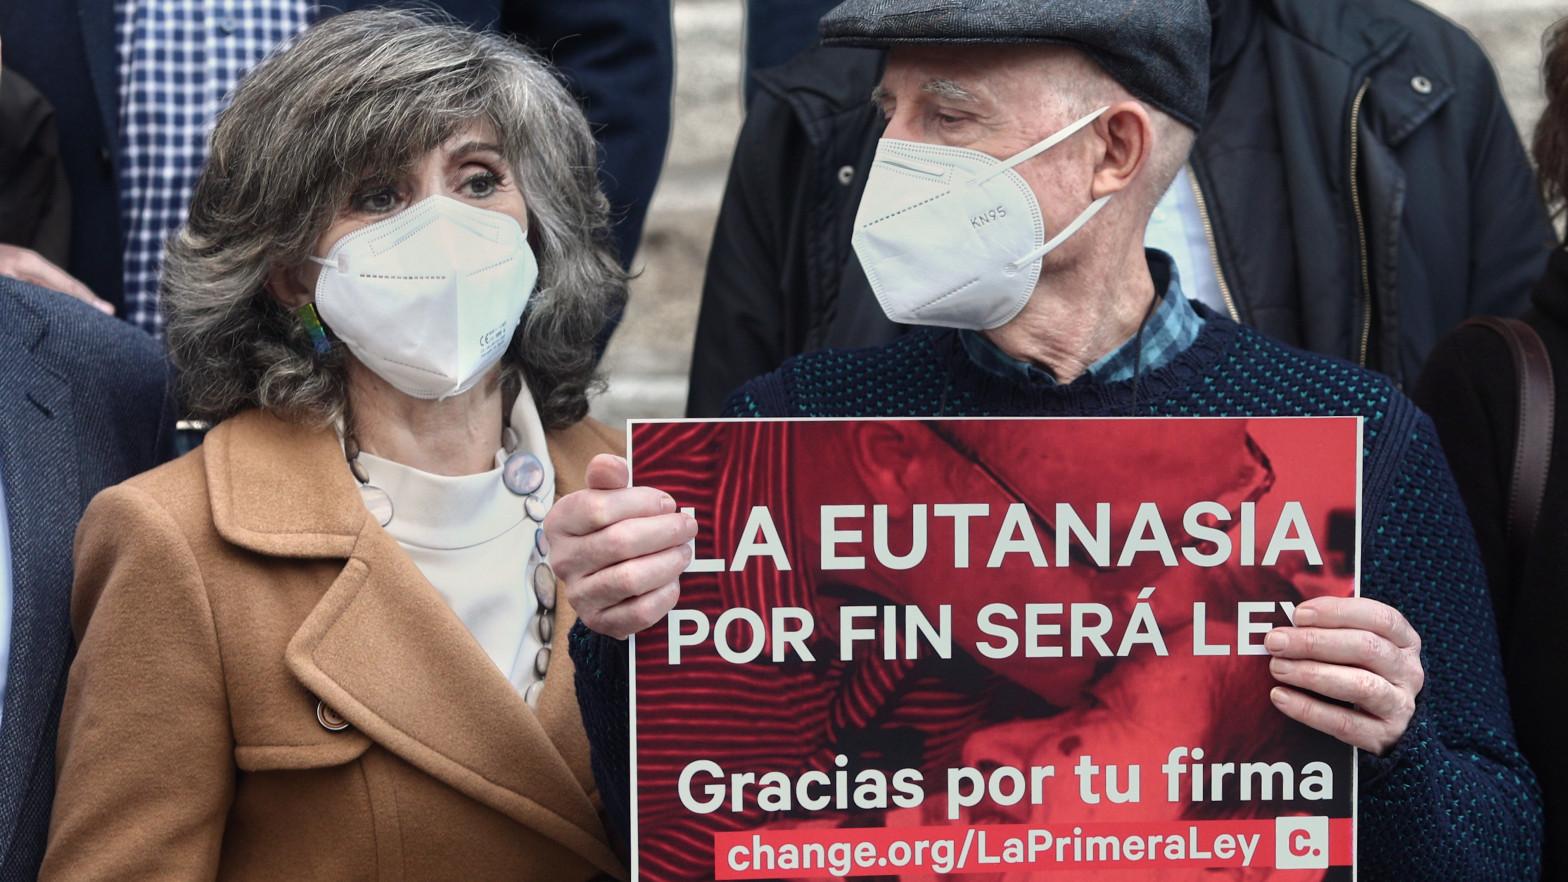 La Fiscalía de Madrid retira la acusación contra Ángel Hernández por ayudar a morir a su mujer enferma de esclerosis